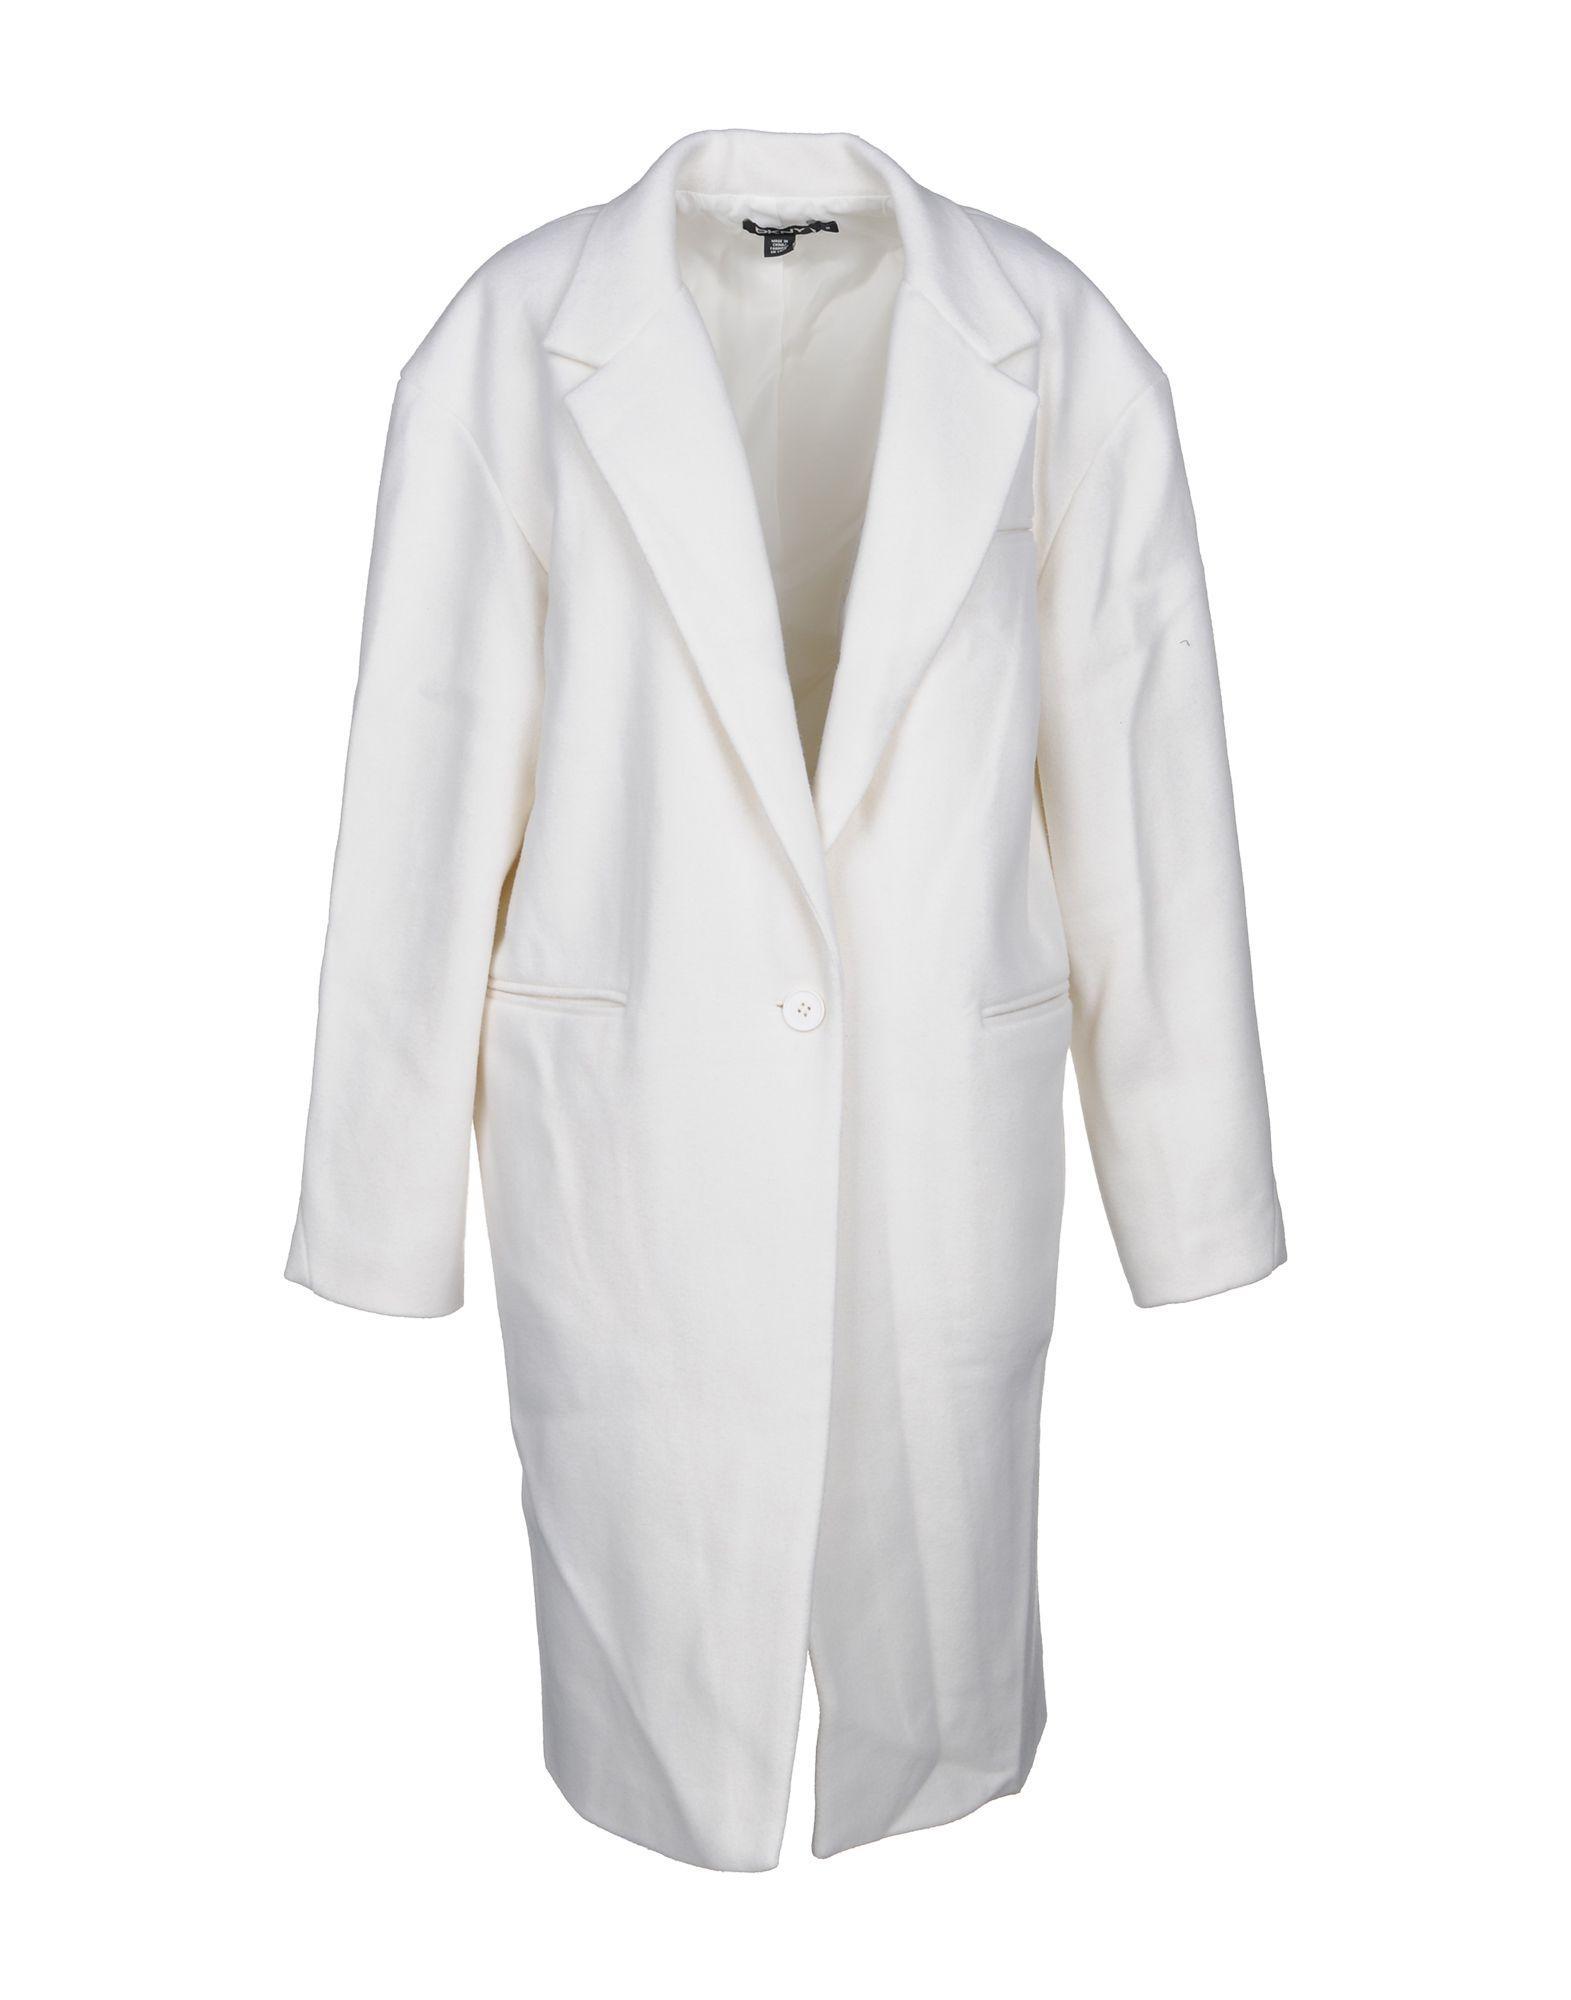 Dkny Coat In White